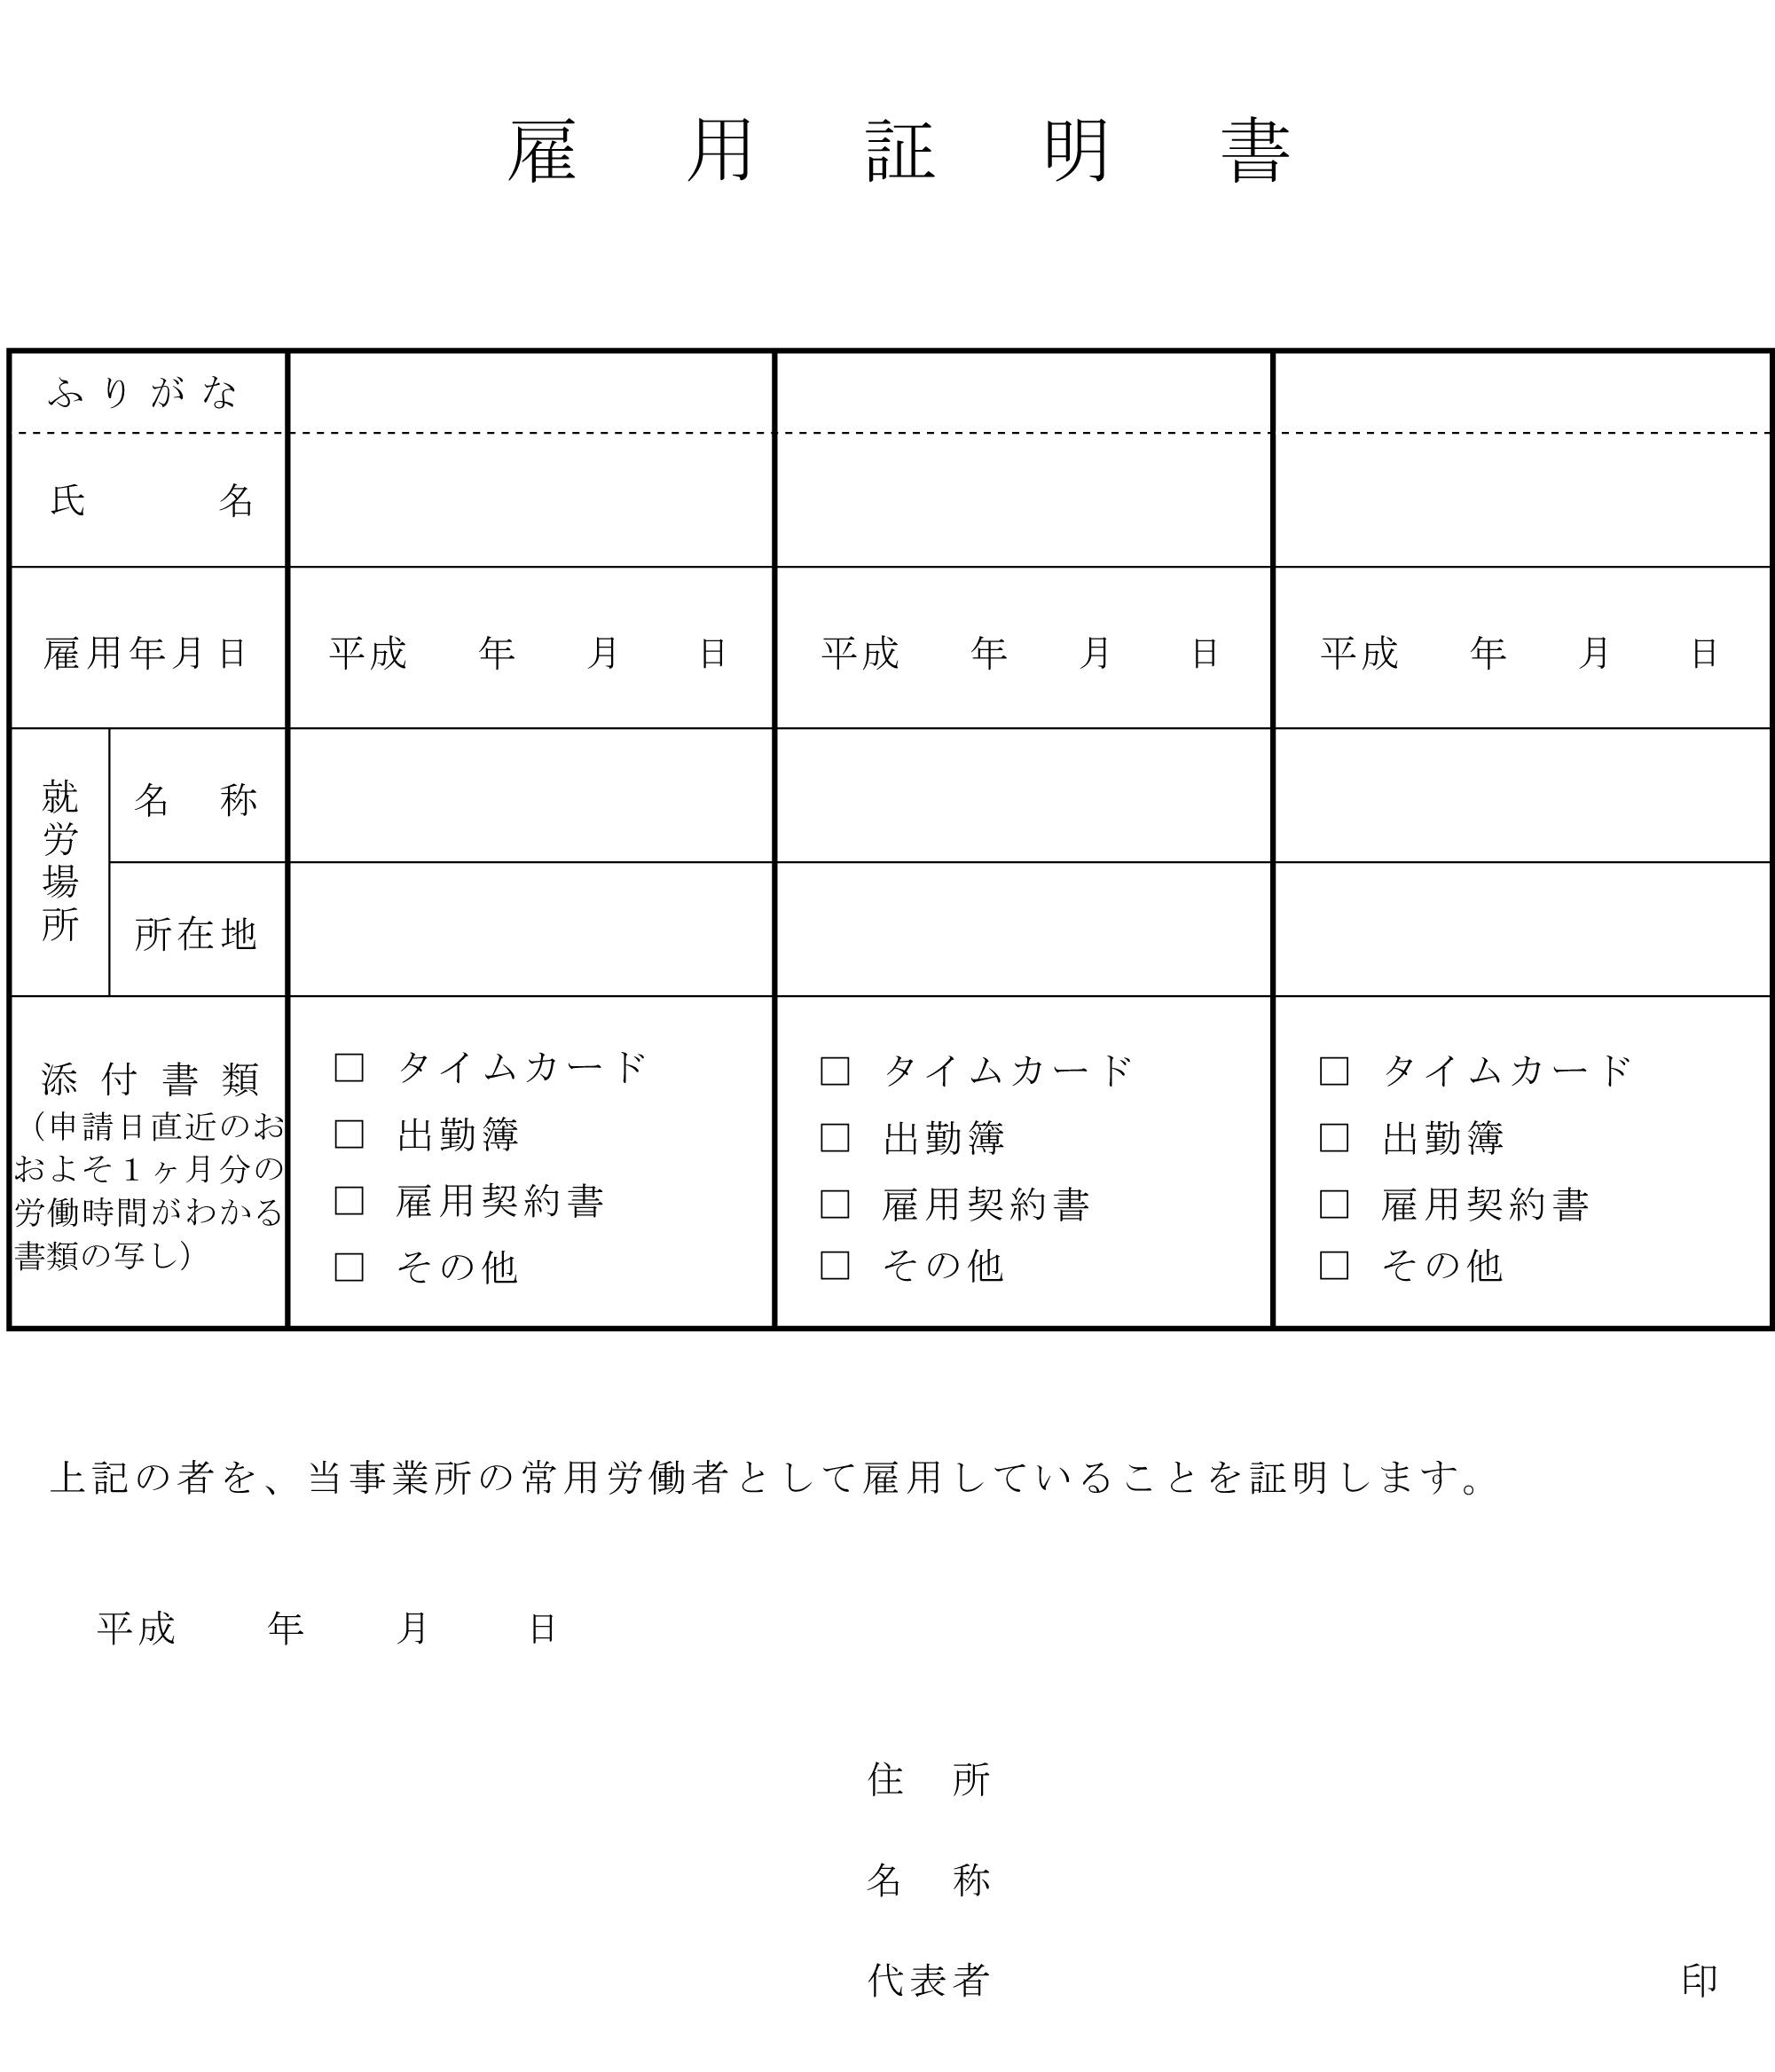 雇用証明書05